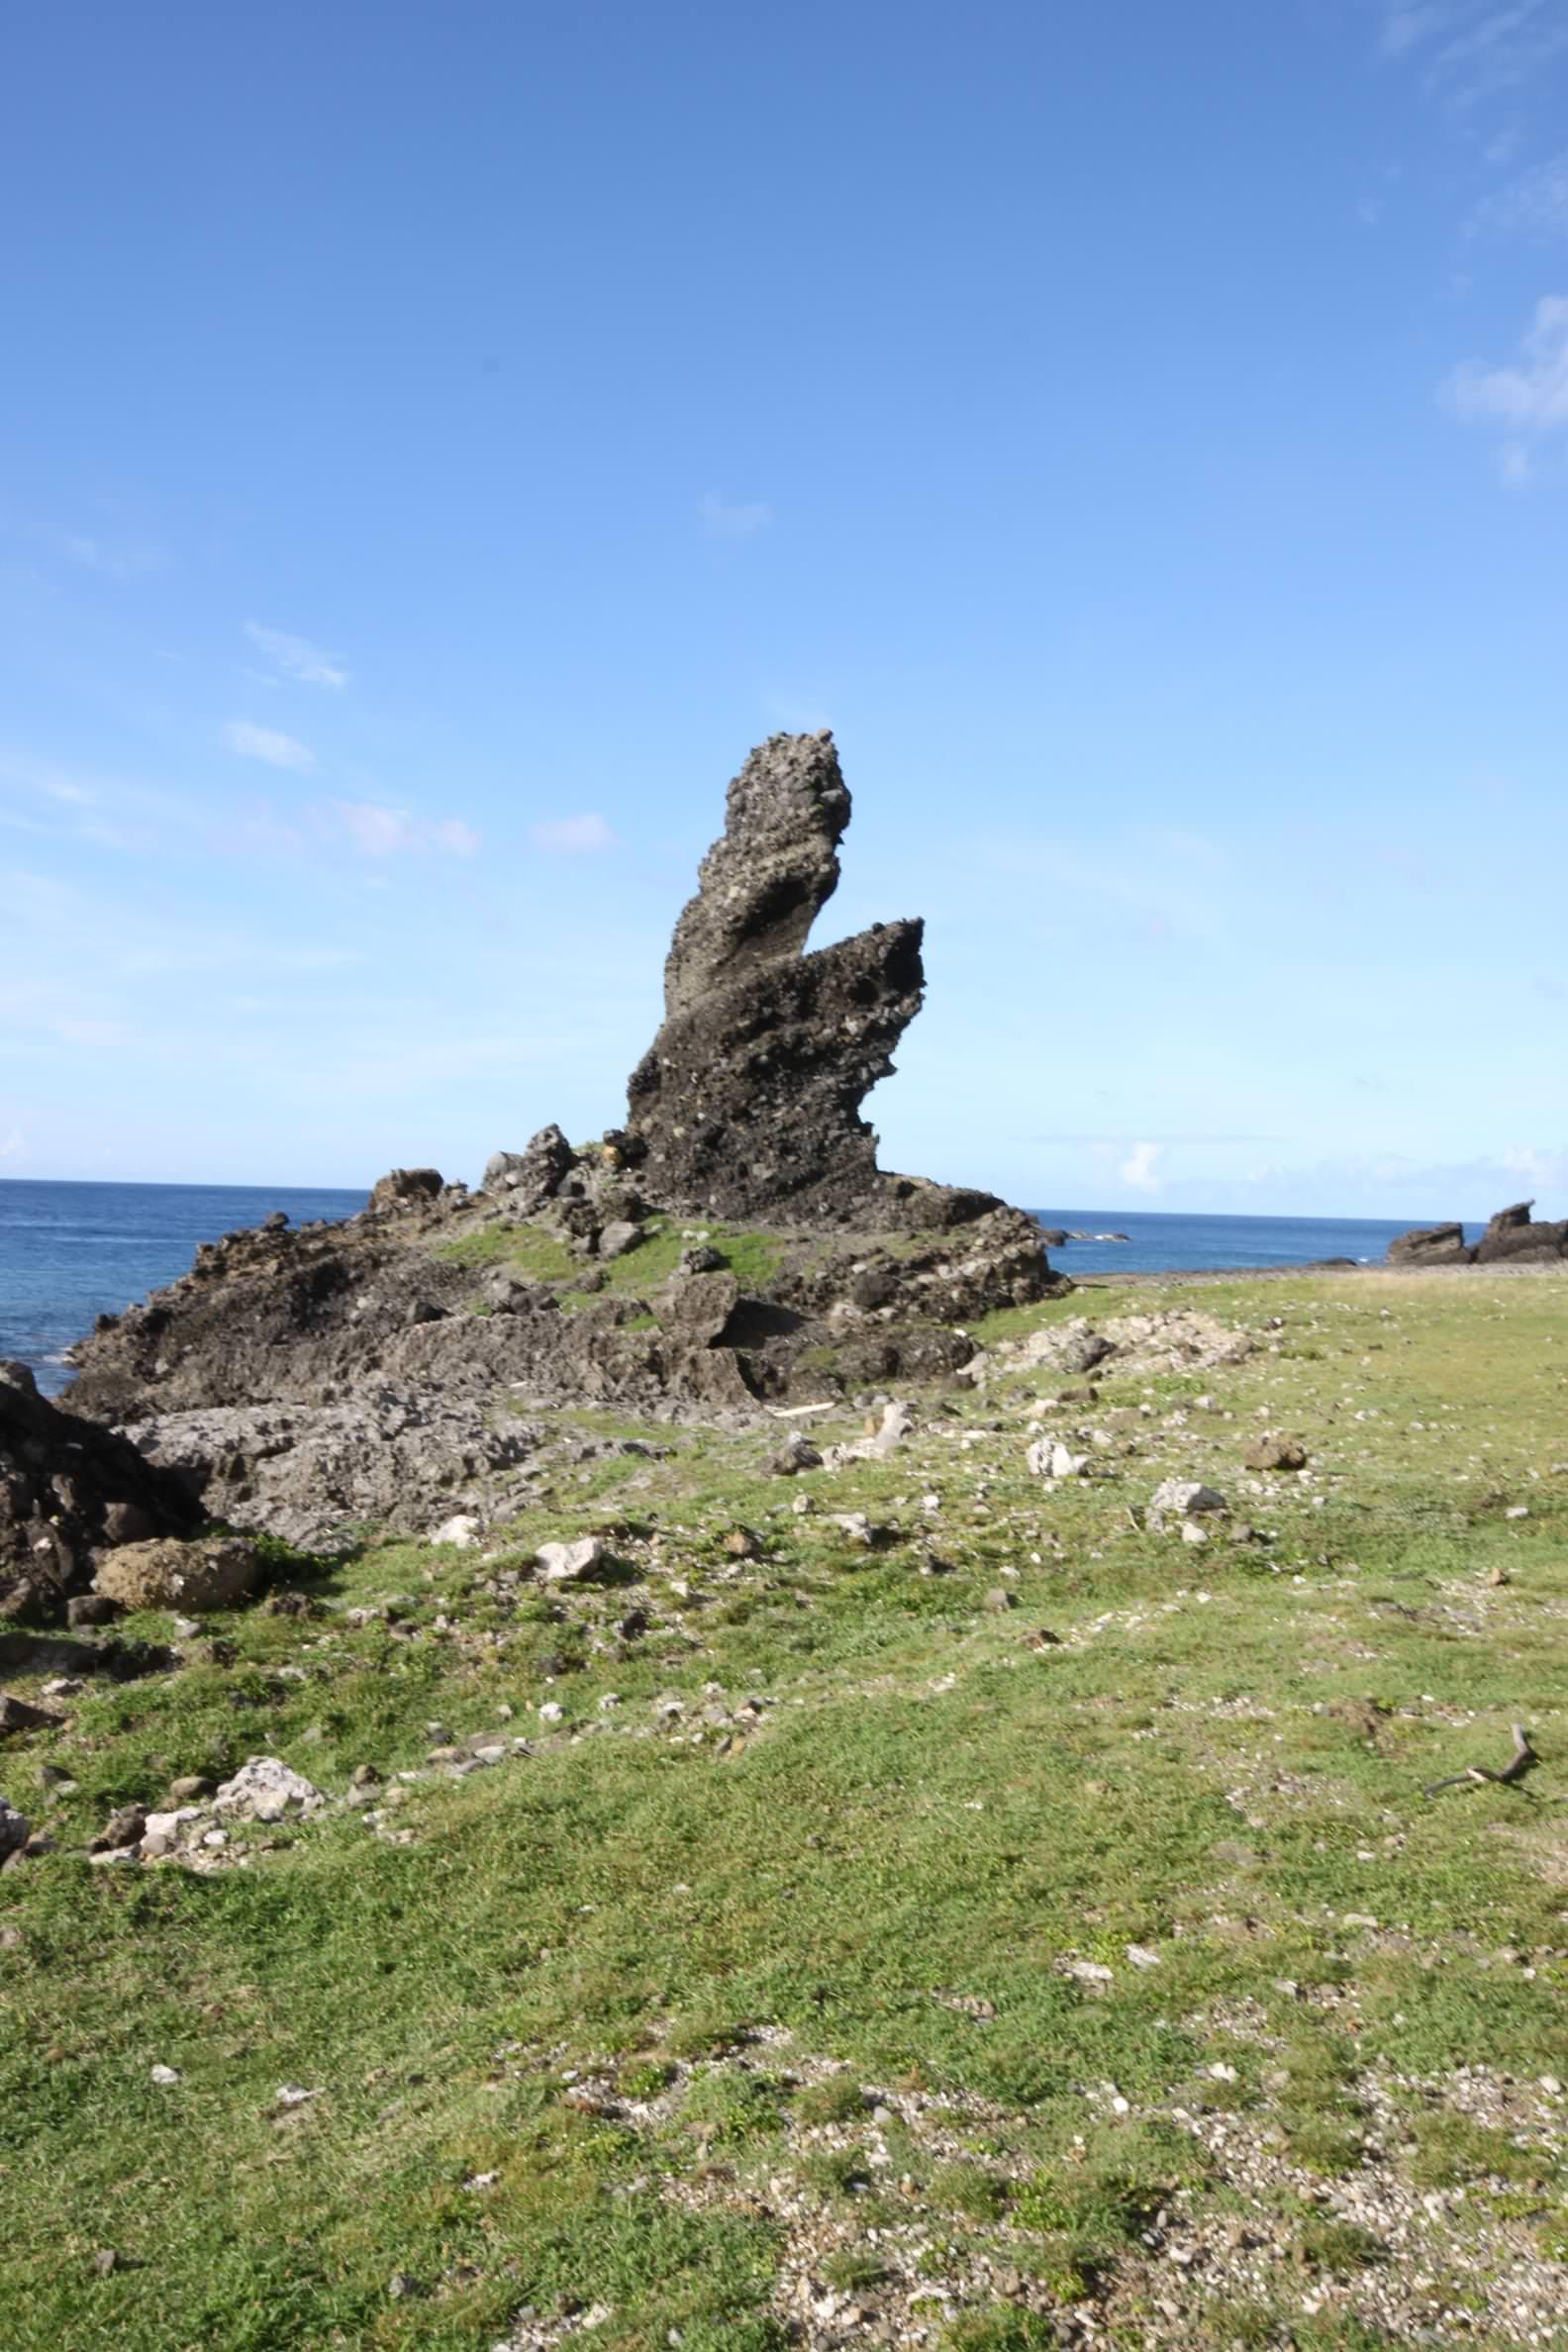 鱷魚岩,蘭嶼旅遊,蘭嶼潛水,蘭嶼自由行,蘭嶼景點,飛魚祭,拼板舟